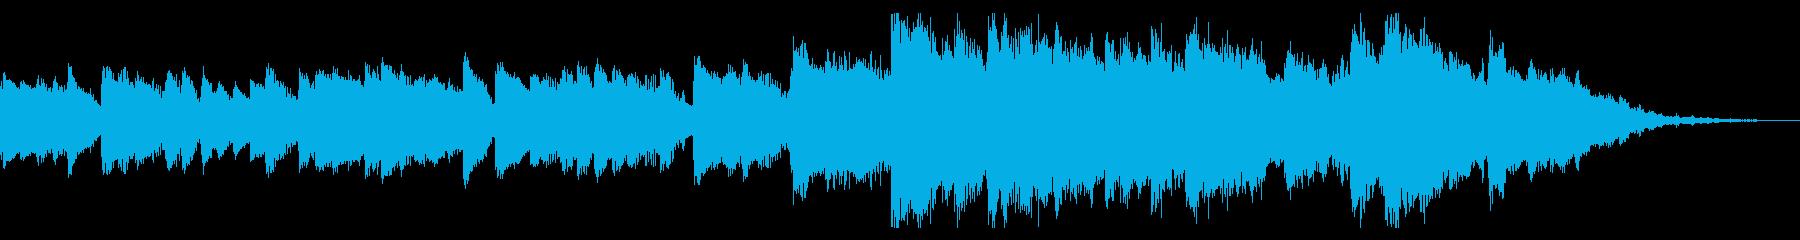 ピアノの旋律が悲しいゲームオーバー風の再生済みの波形